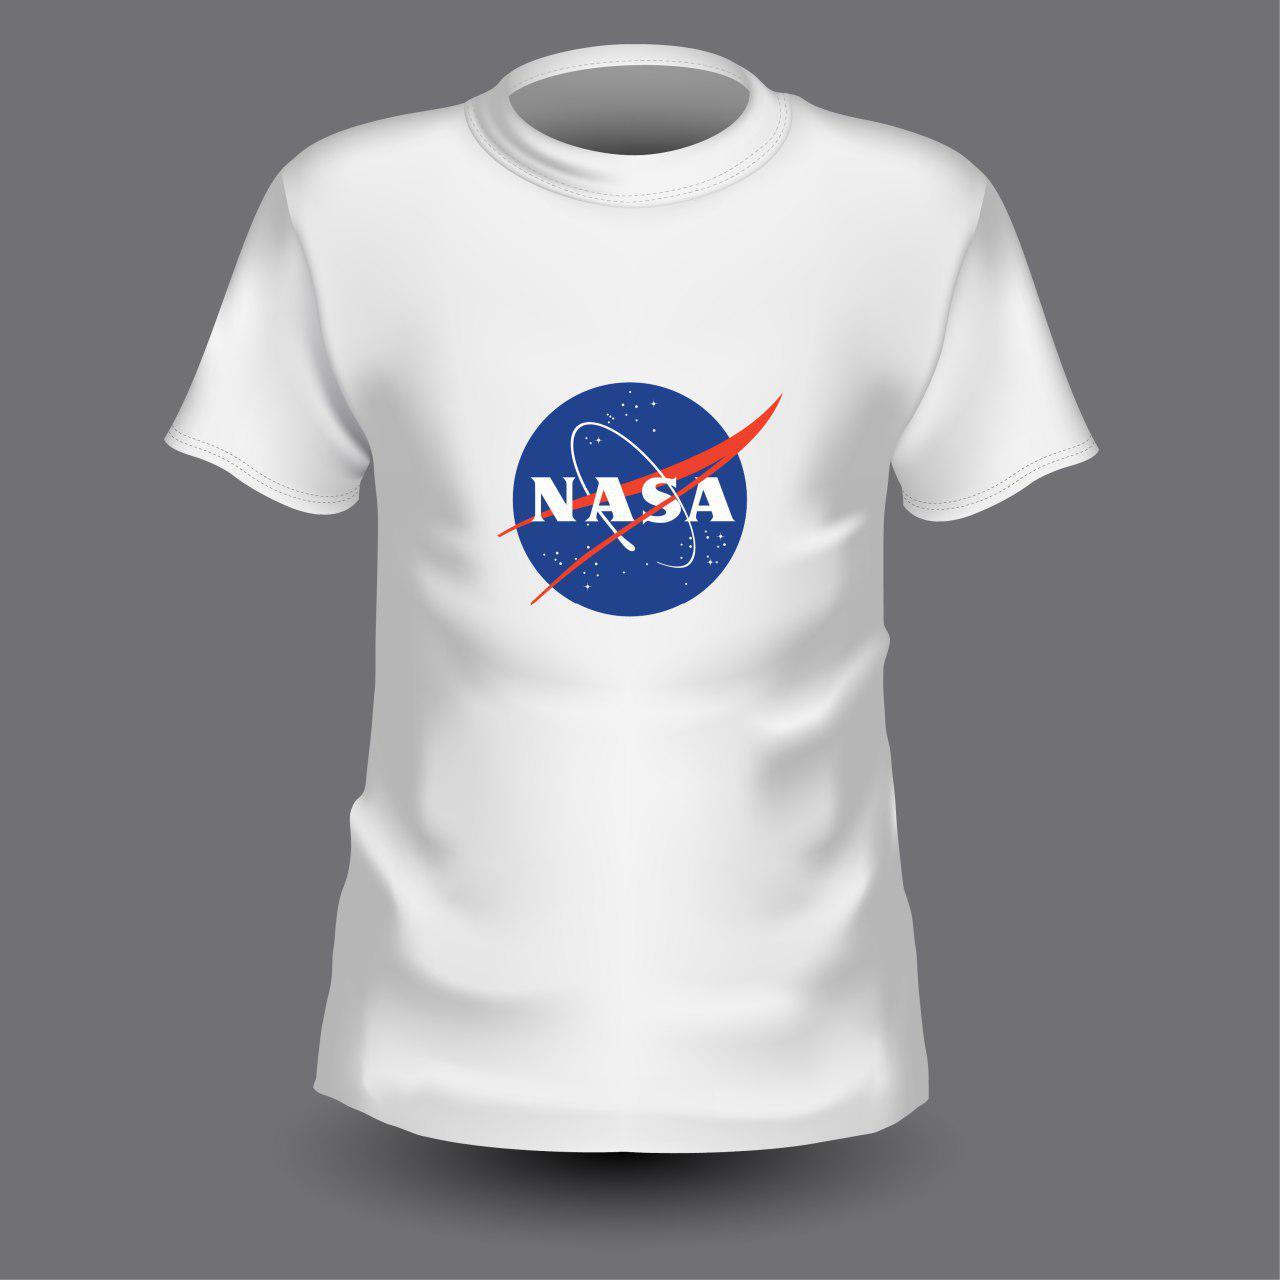 تیشرت طرح ناسا